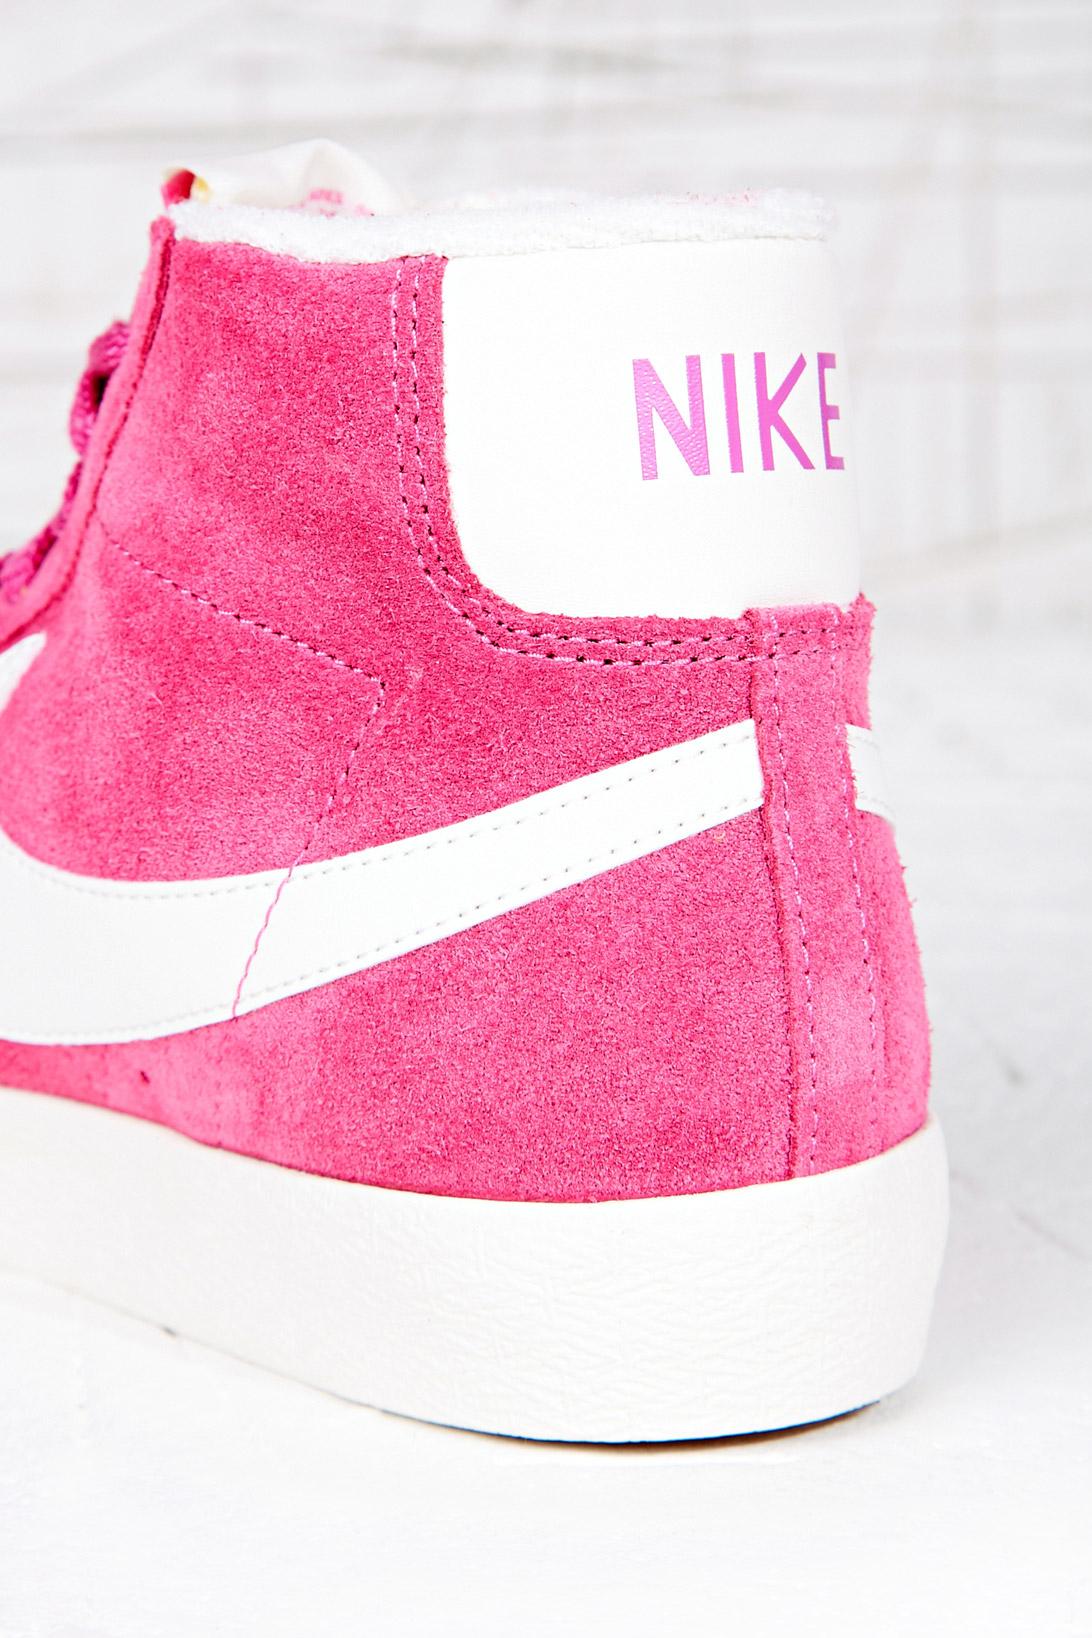 Chaud Chaussures Nike Blazer Rose Haut Tops